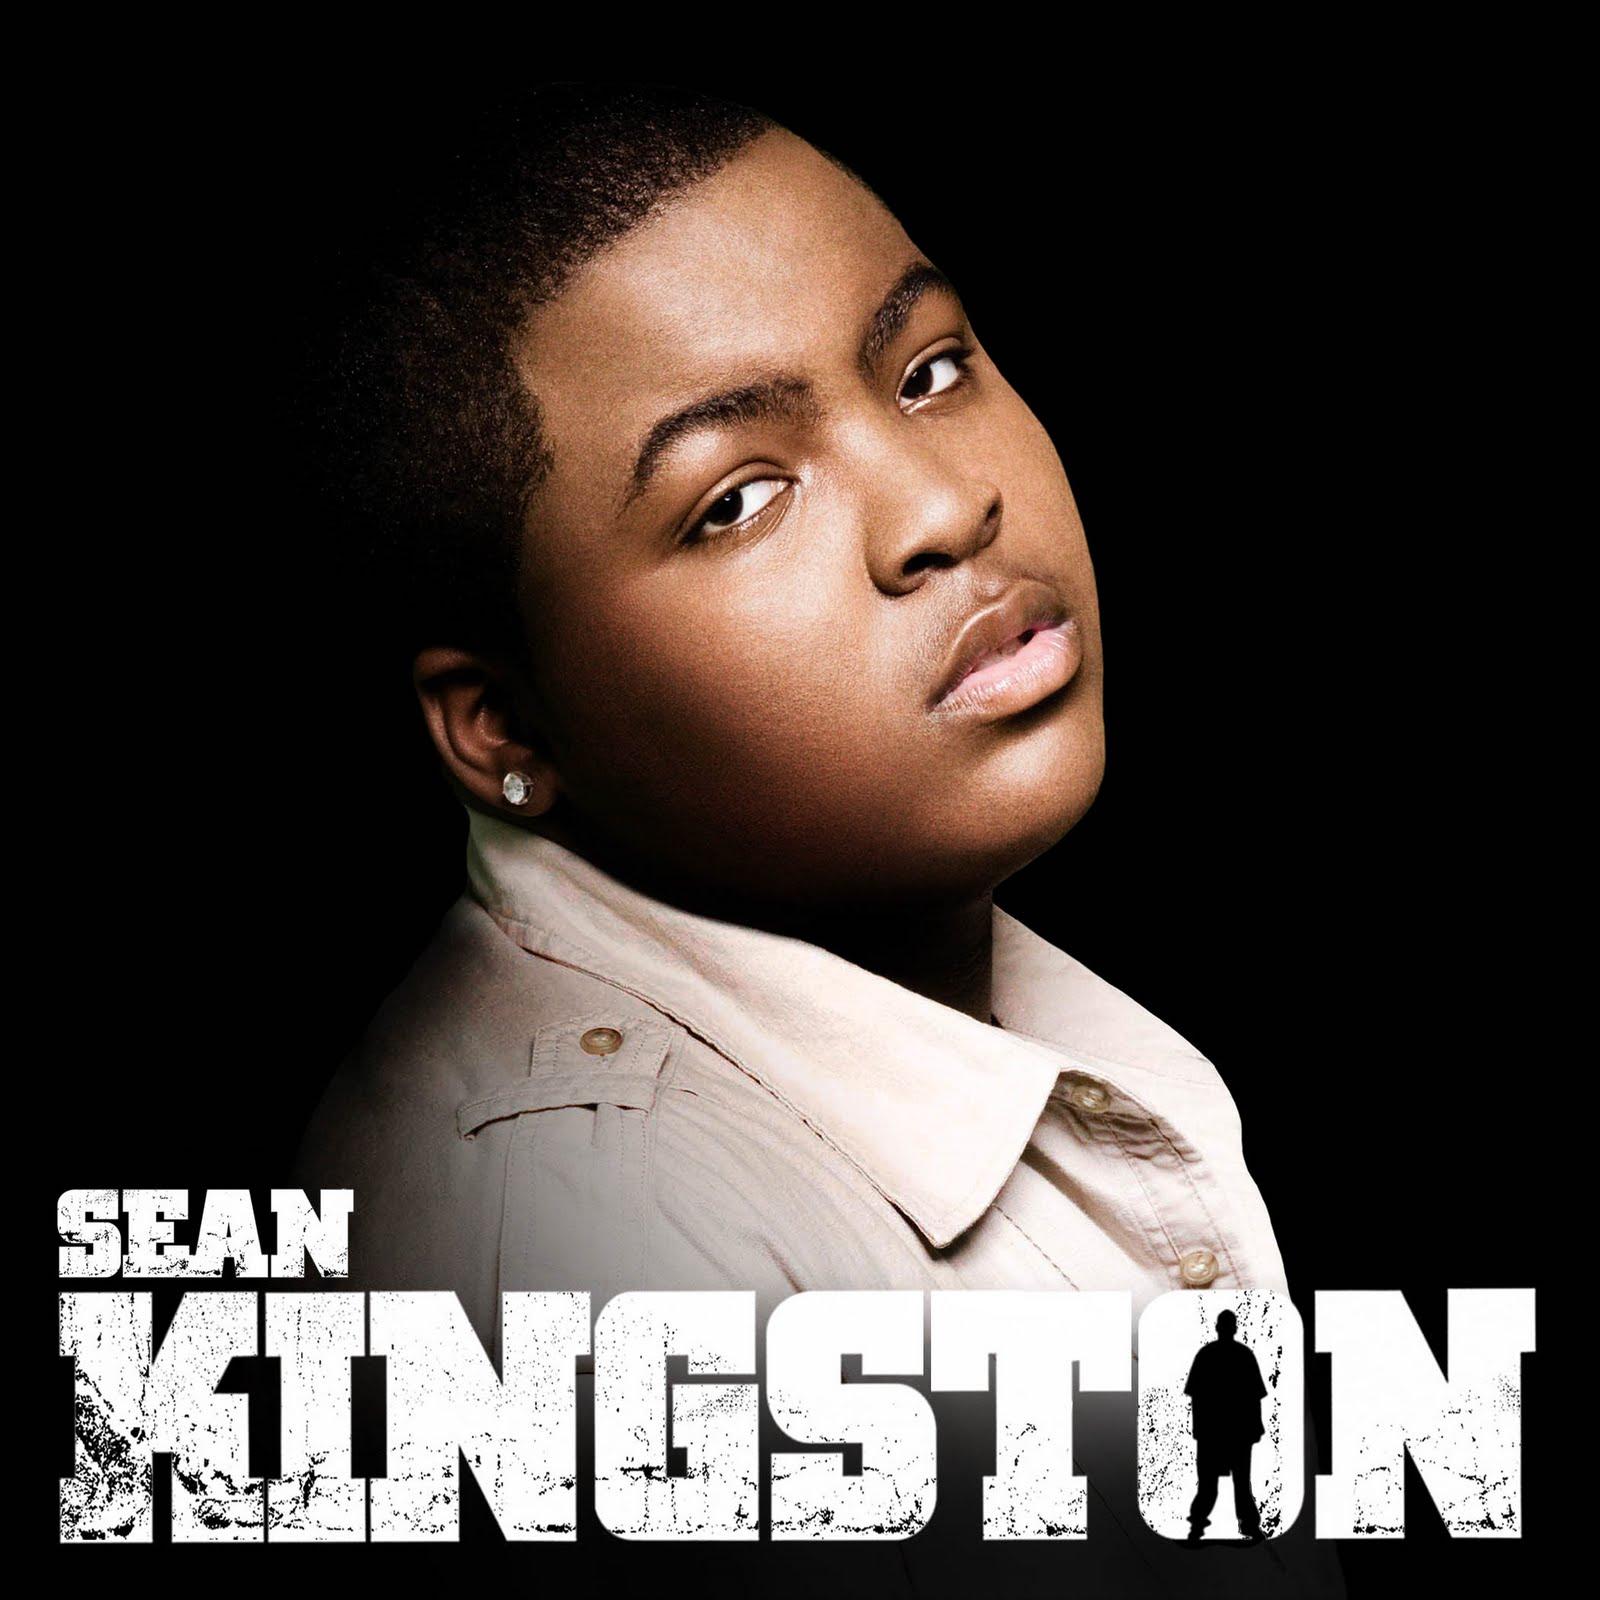 http://1.bp.blogspot.com/_VBxTNtZZJag/SxF4ZWD4xqI/AAAAAAAAAGc/q2C65PWlvYs/s1600/Sean-Kingston.jpg